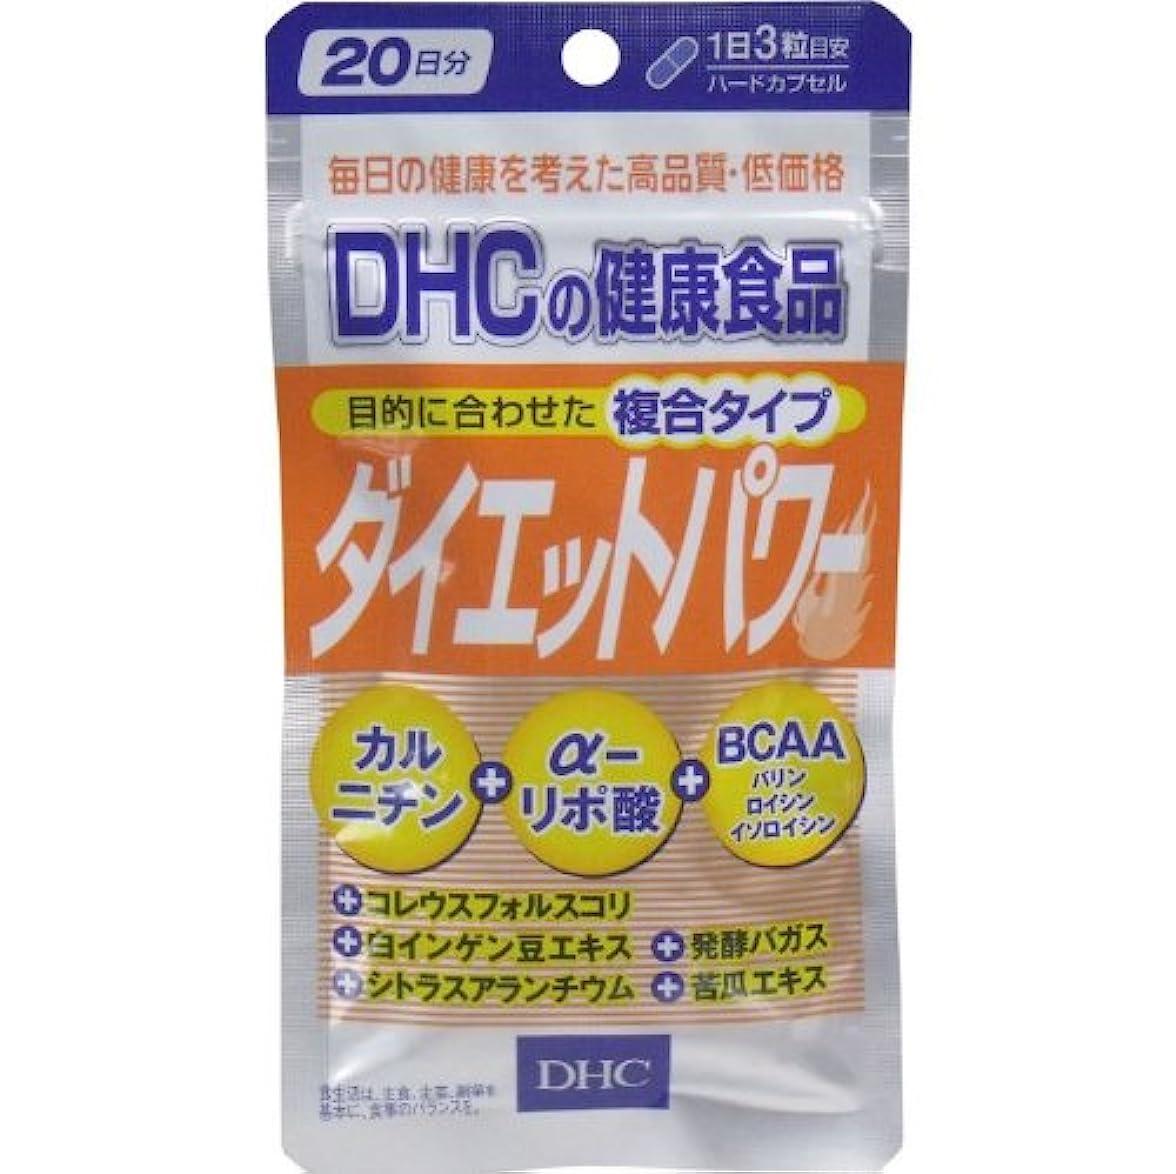 フラフープ手紙を書く名前でDHC ダイエットパワー 60粒入 20日分【5個セット】